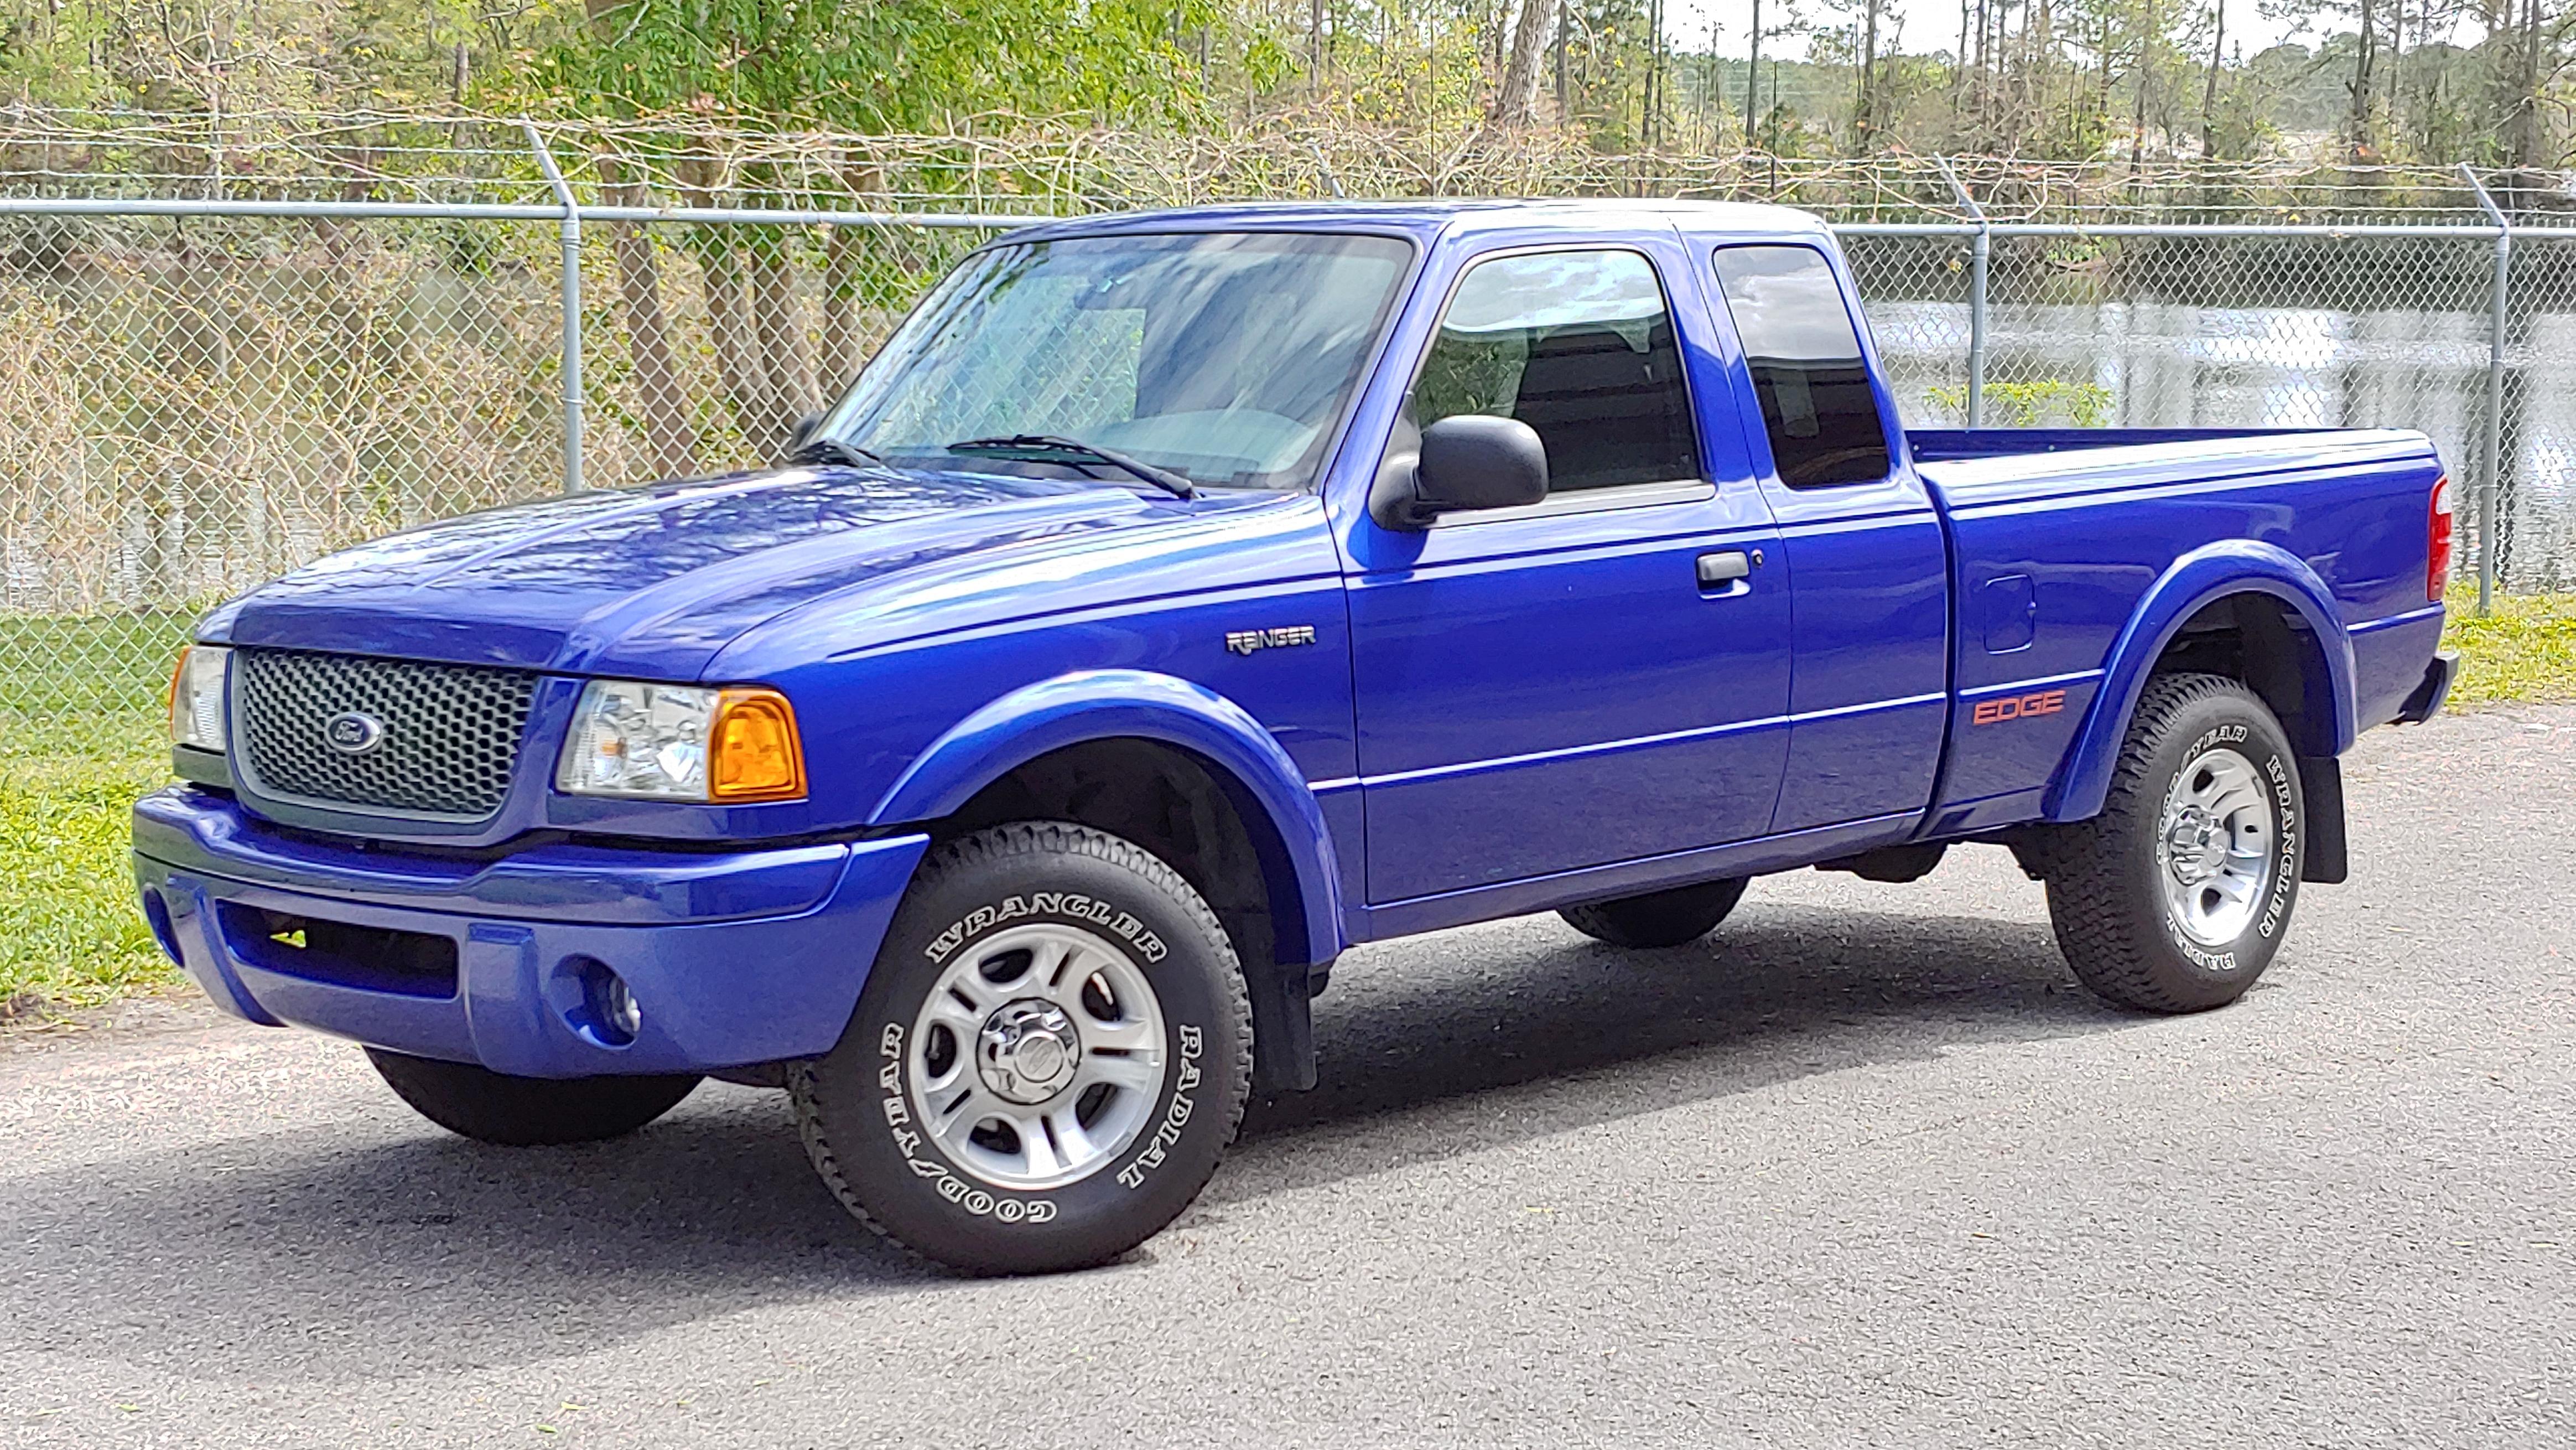 https://0201.nccdn.net/1_2/000/000/194/e36/2003-Ford-Ranger.jpg